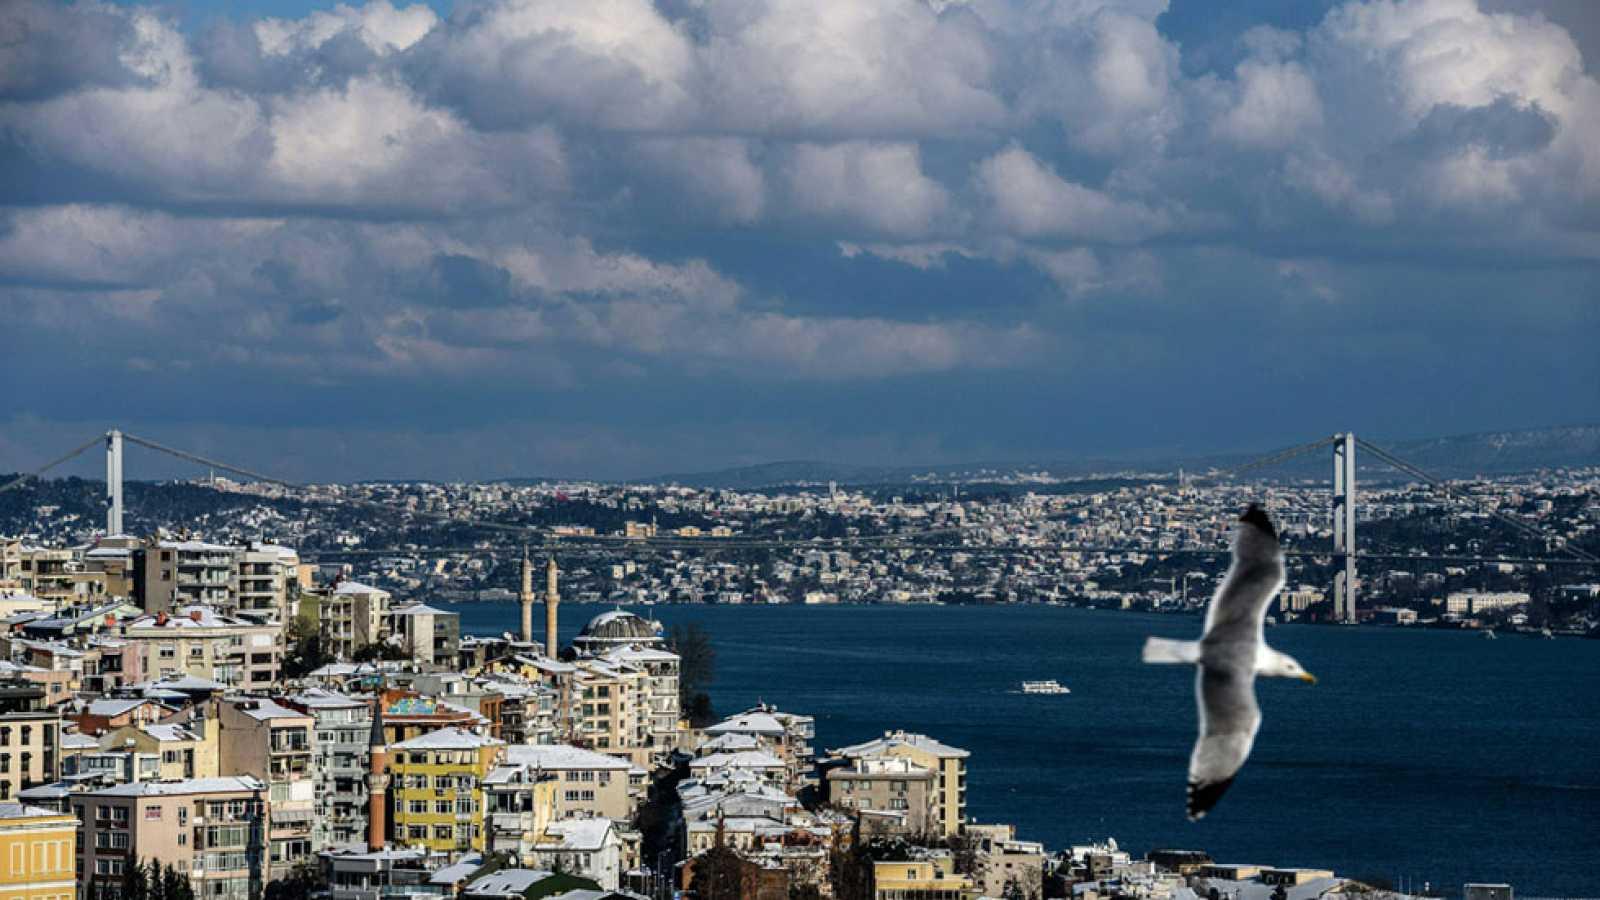 Cielo nuboso con nubes medias y altas en el área mediterránea